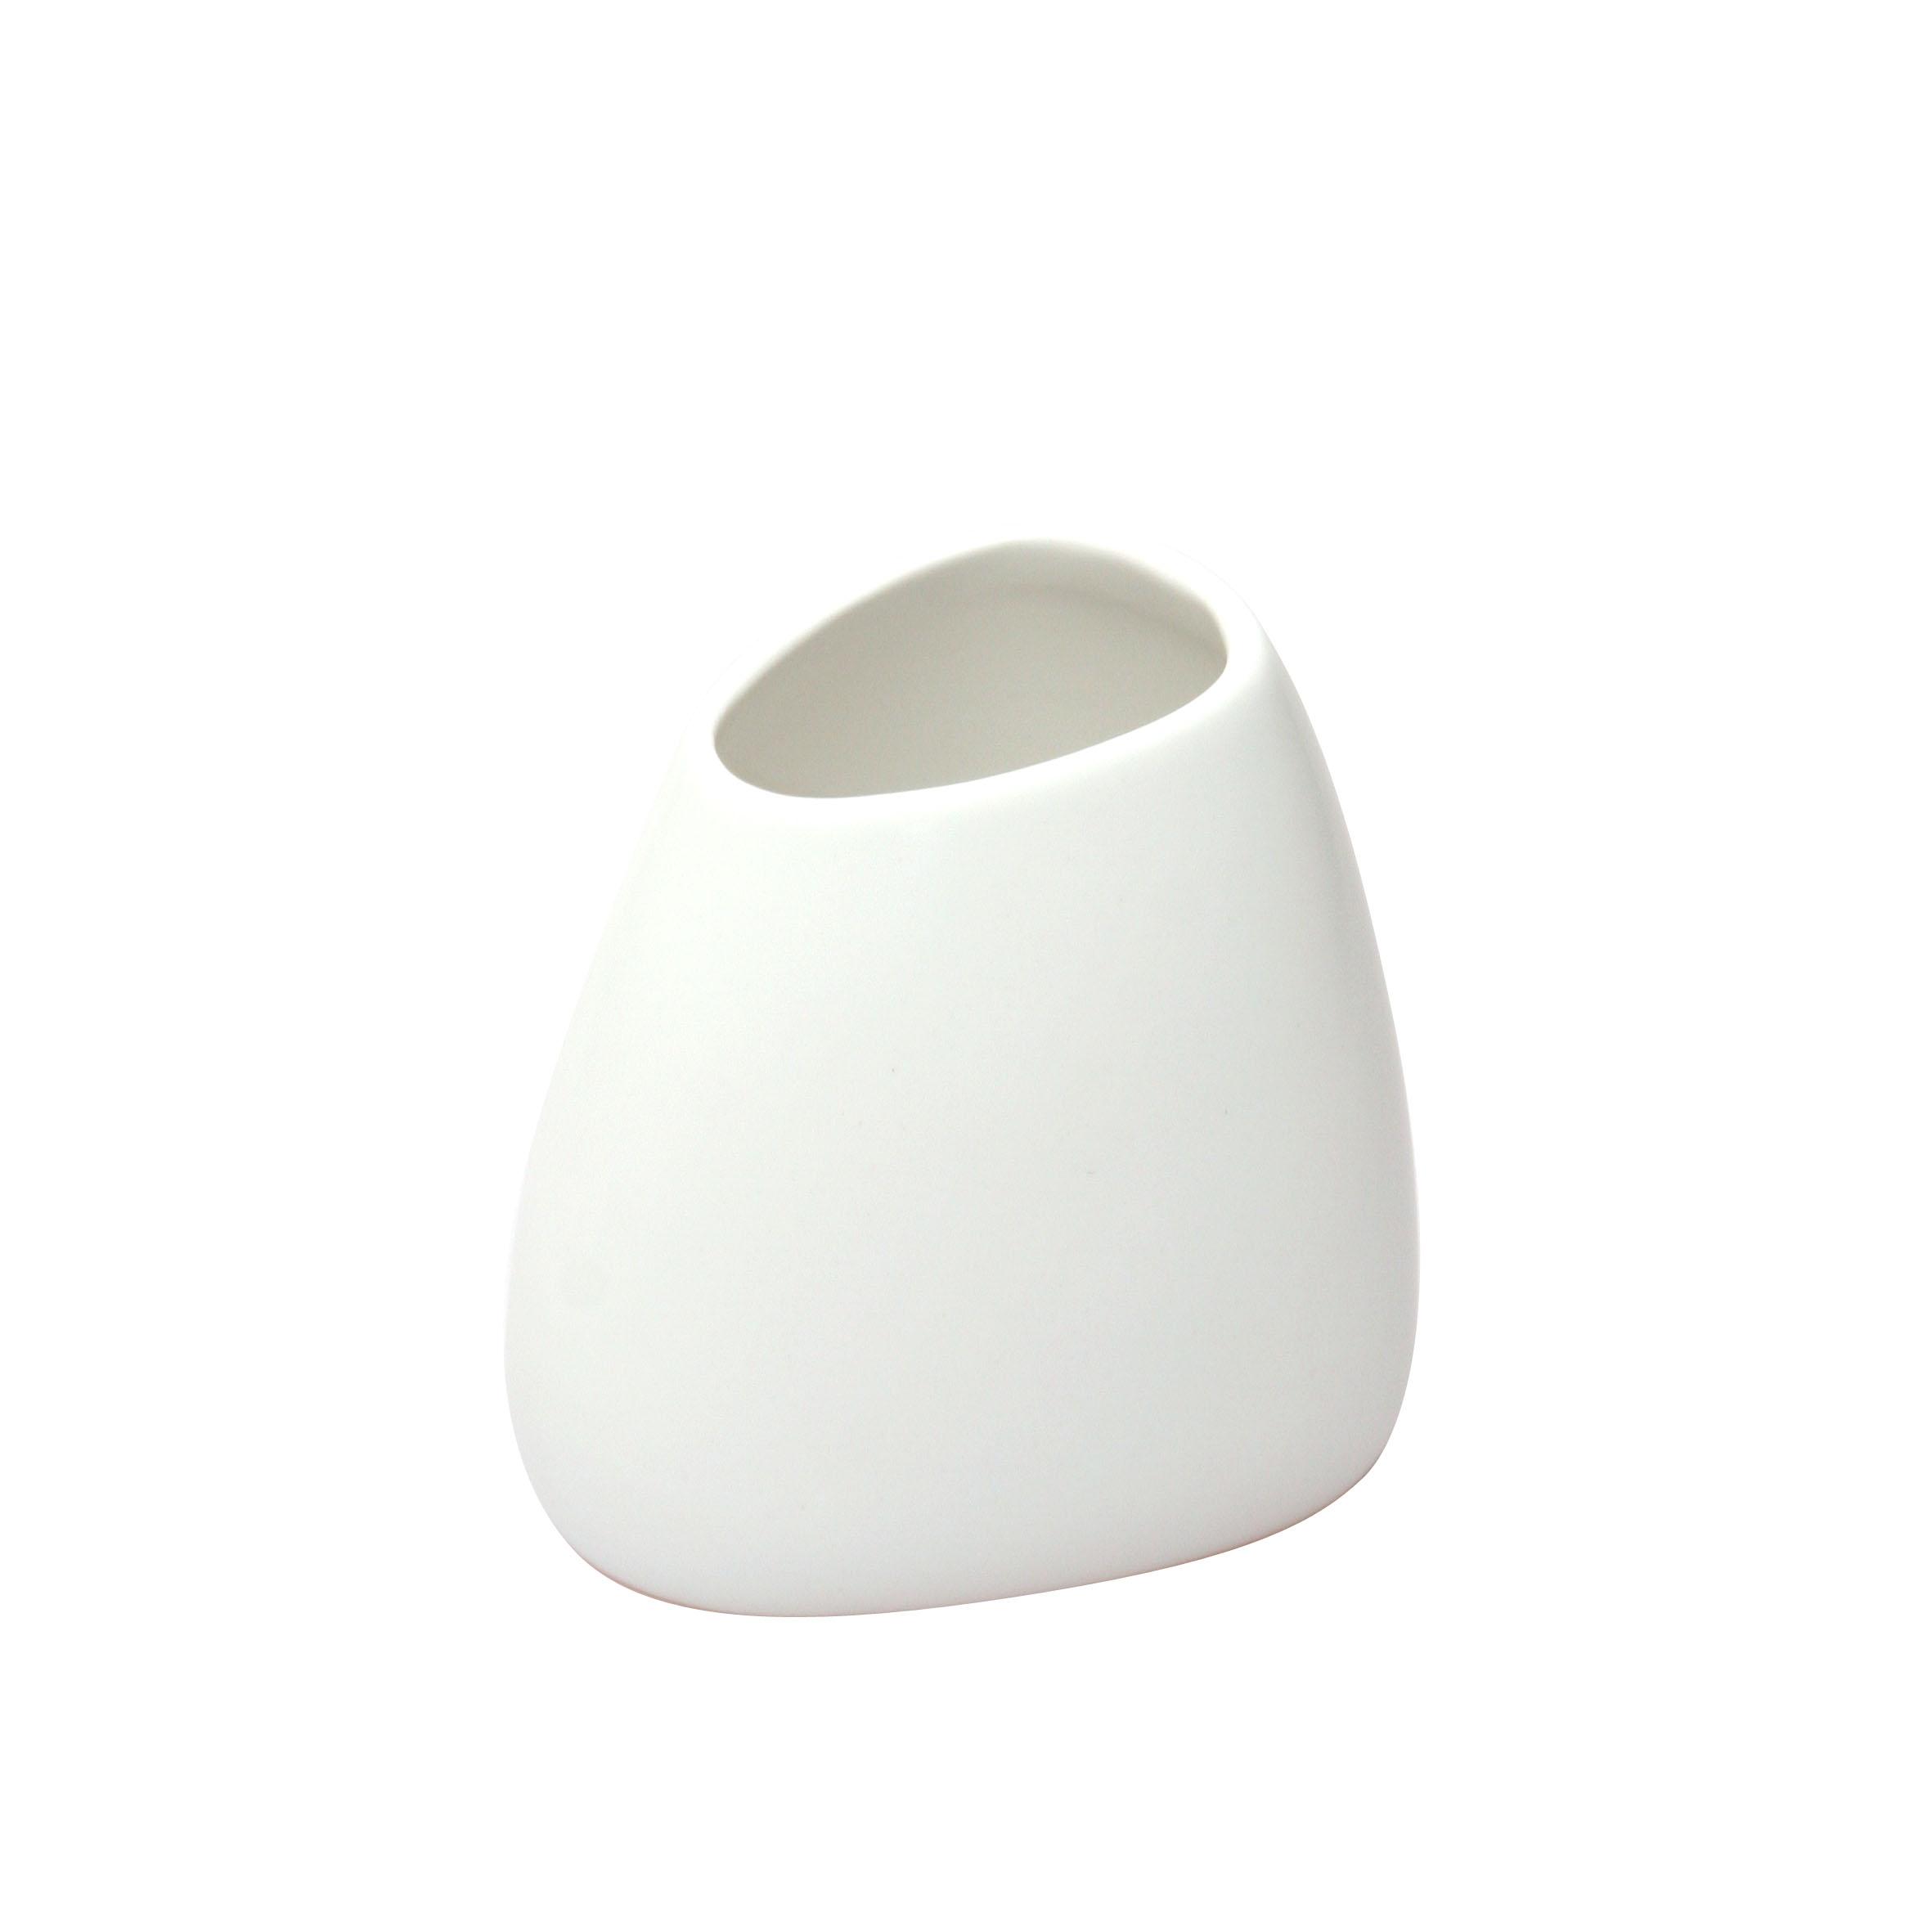 Стакан для зубных щеток Axentia LassloRG-D31SСтакан для зубных щеток Axentia Lasslo выполнен из матовой керамики оригинальной формы. Изделие превосходно дополнит интерьер ванной комнаты.